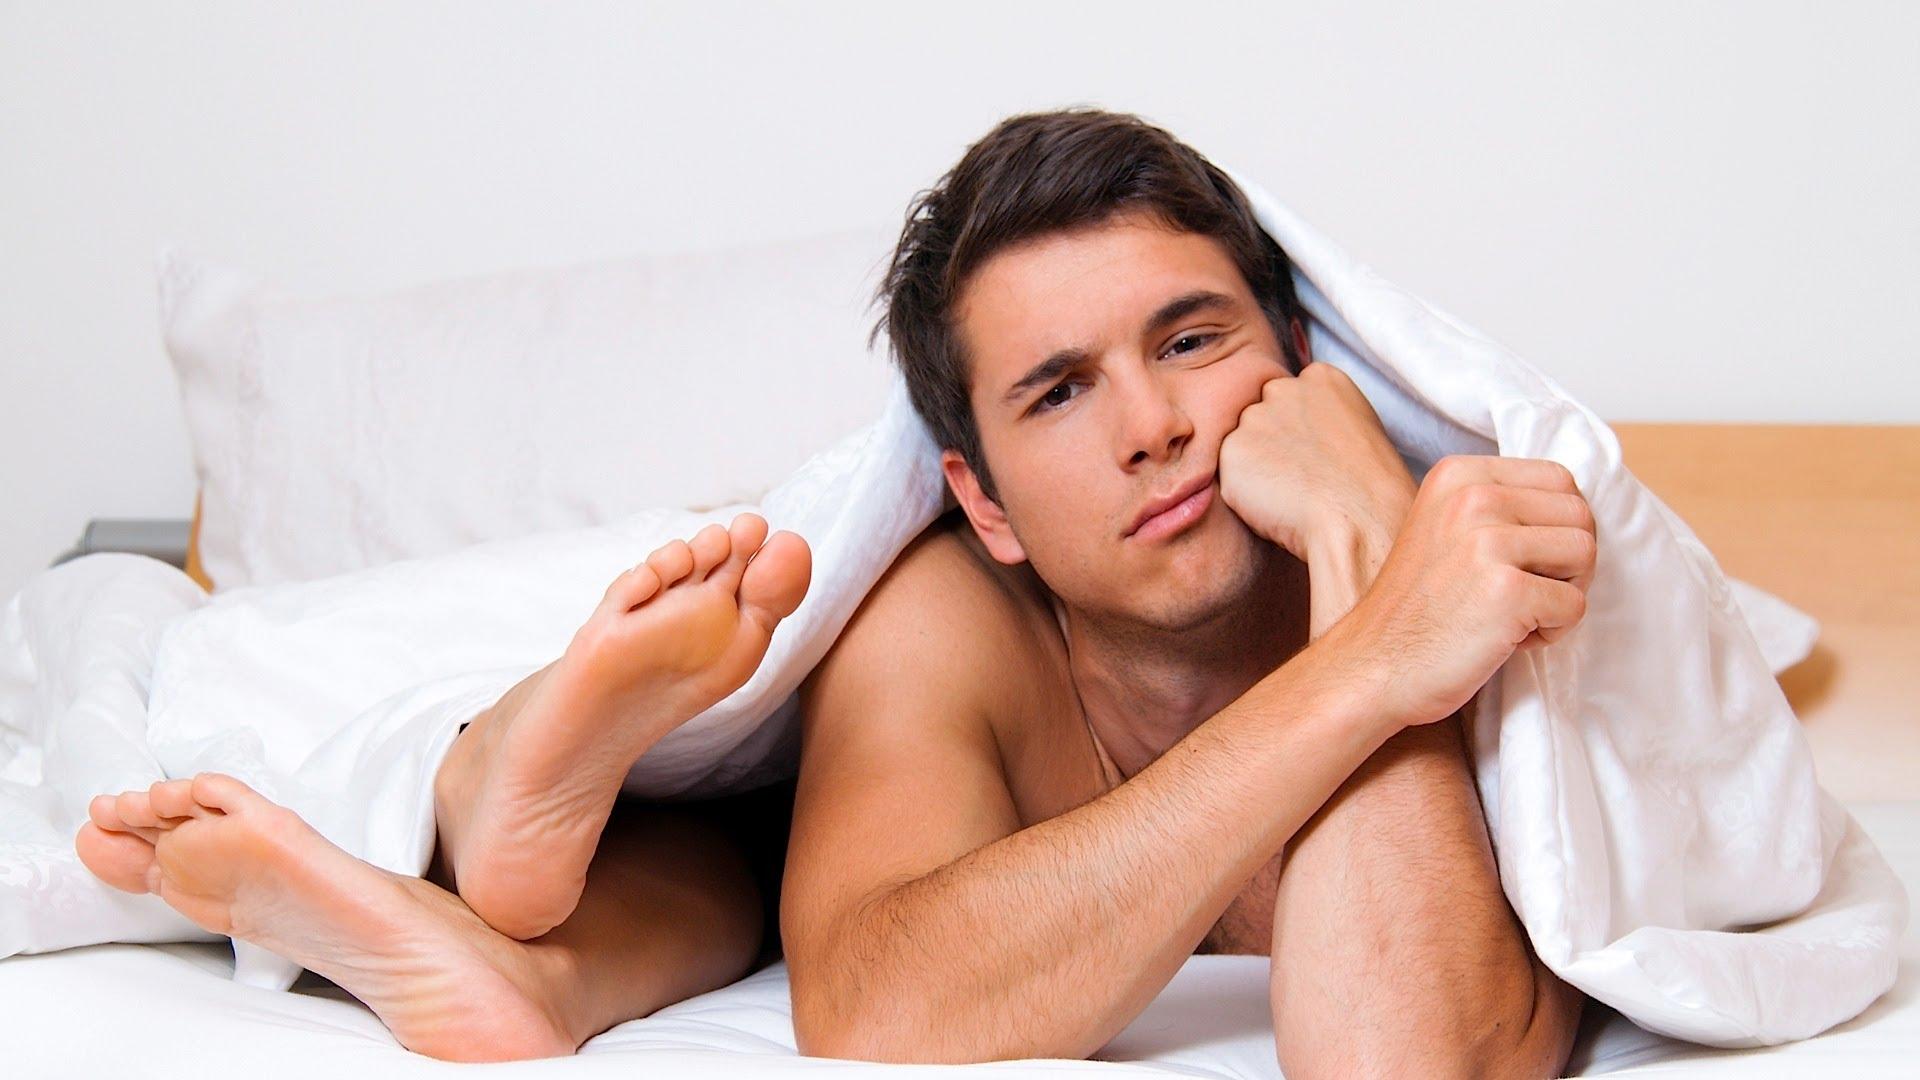 Κορωνοϊός στύση: Εάν νοσήσει ένα άνδρας επηρεάζεται η στύση